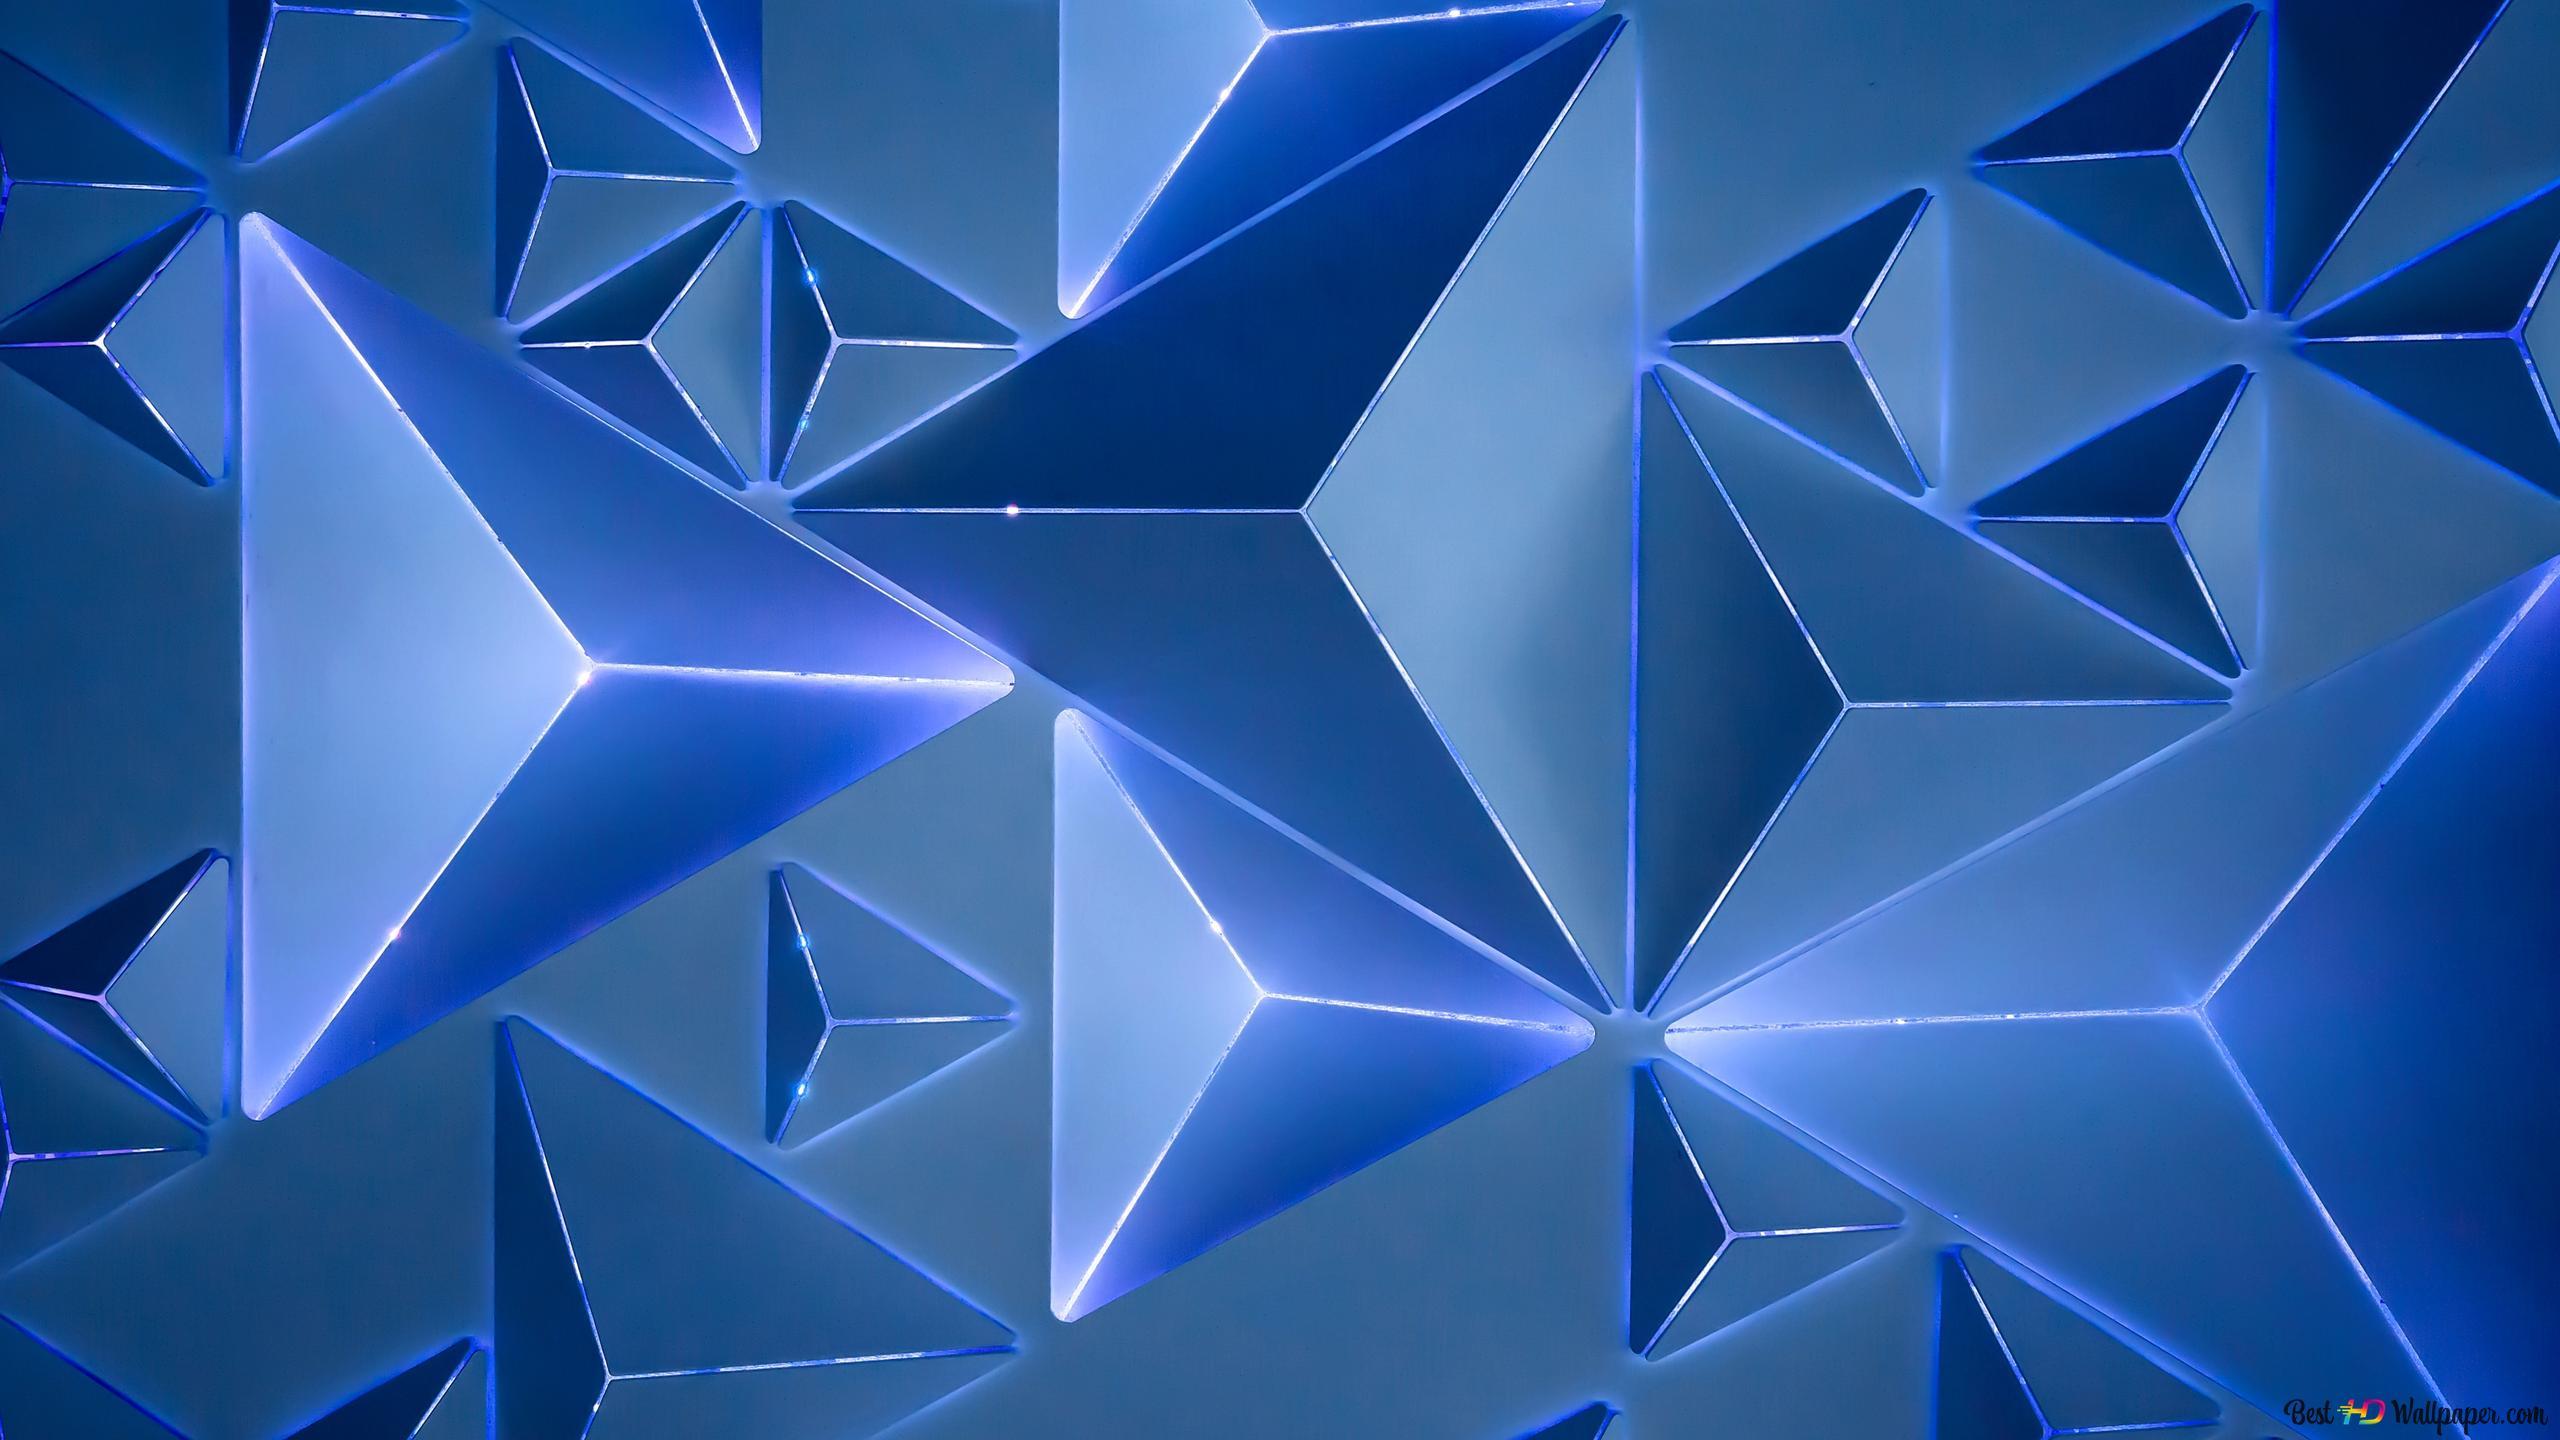 Motif Prisme Bleu Hd Fond Décran Télécharger